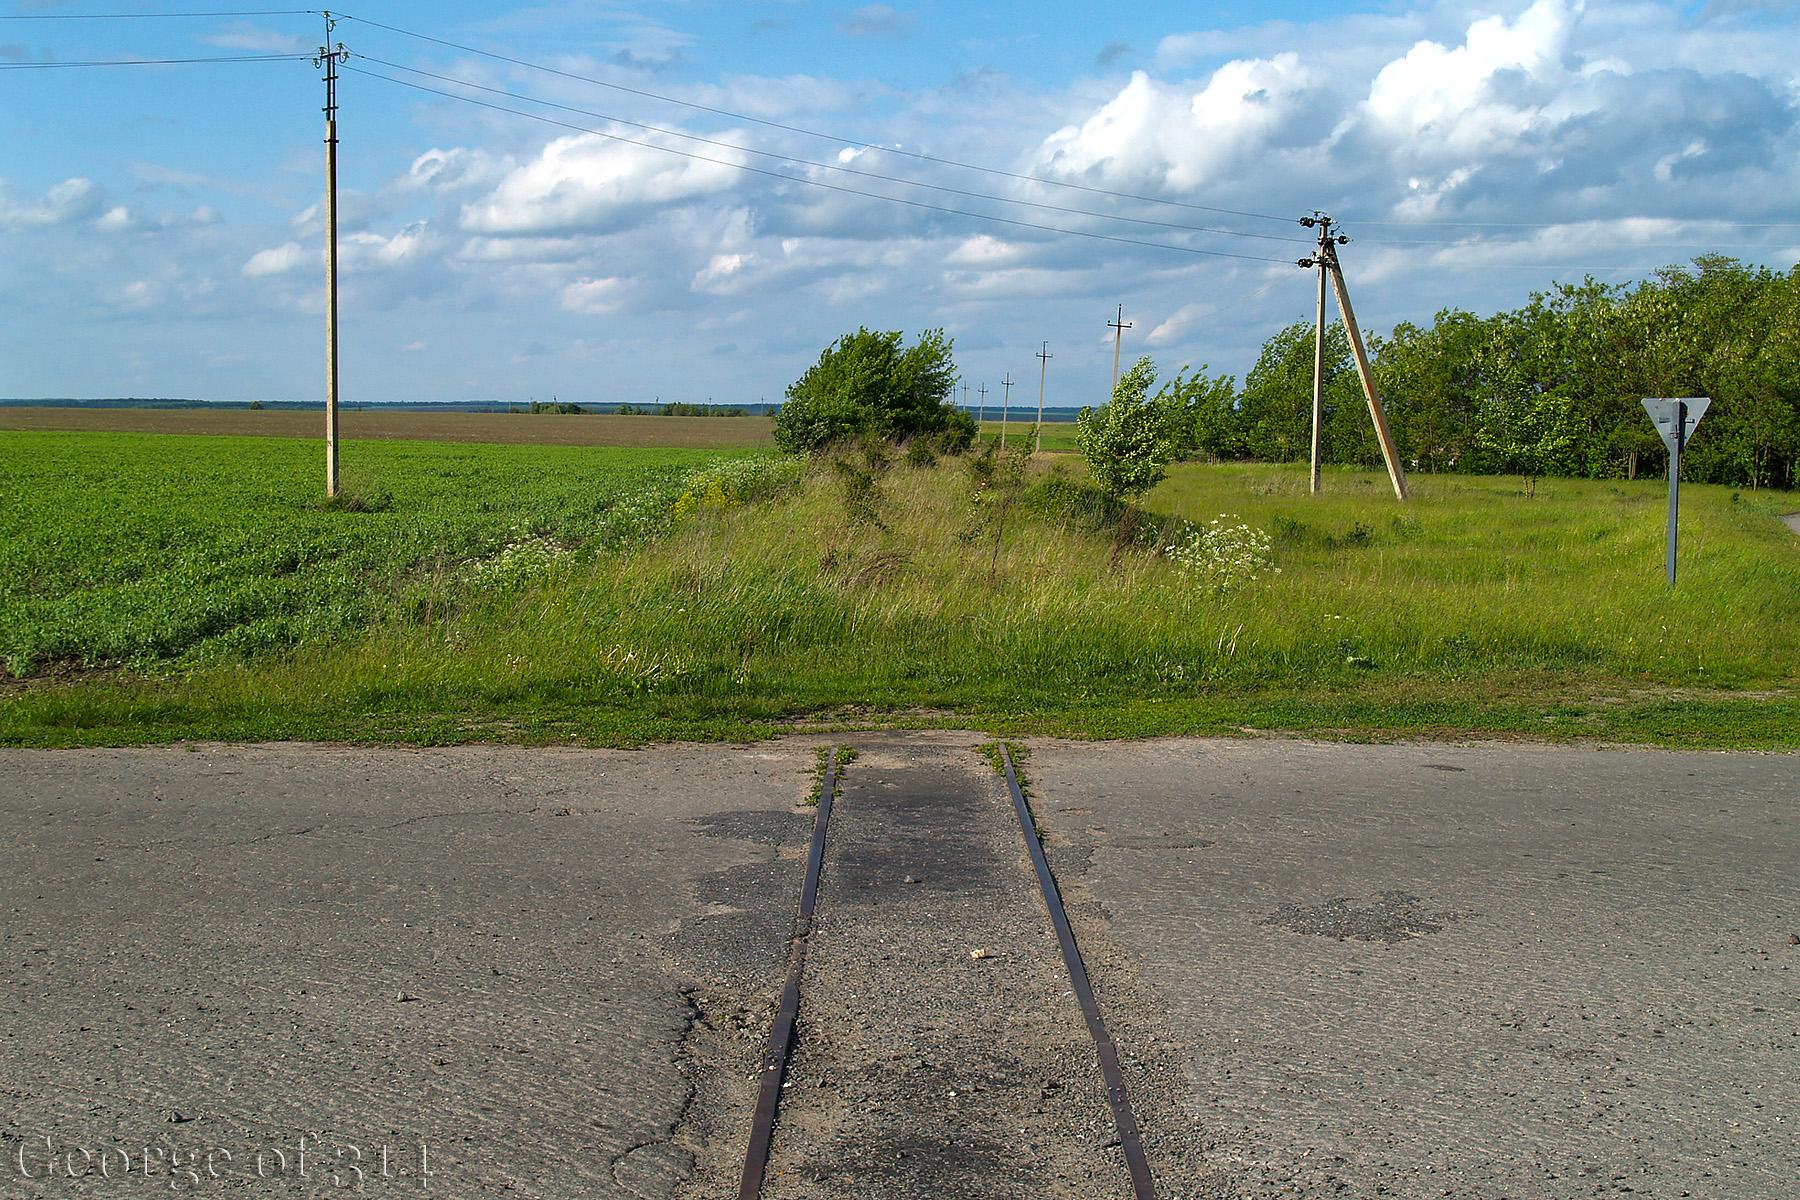 Розібрана вузькоколійна гілка Поташ - Червоний Кут, переїзд на трасі Т2405 між селами Буки та Червоний Кут, Черкаська область